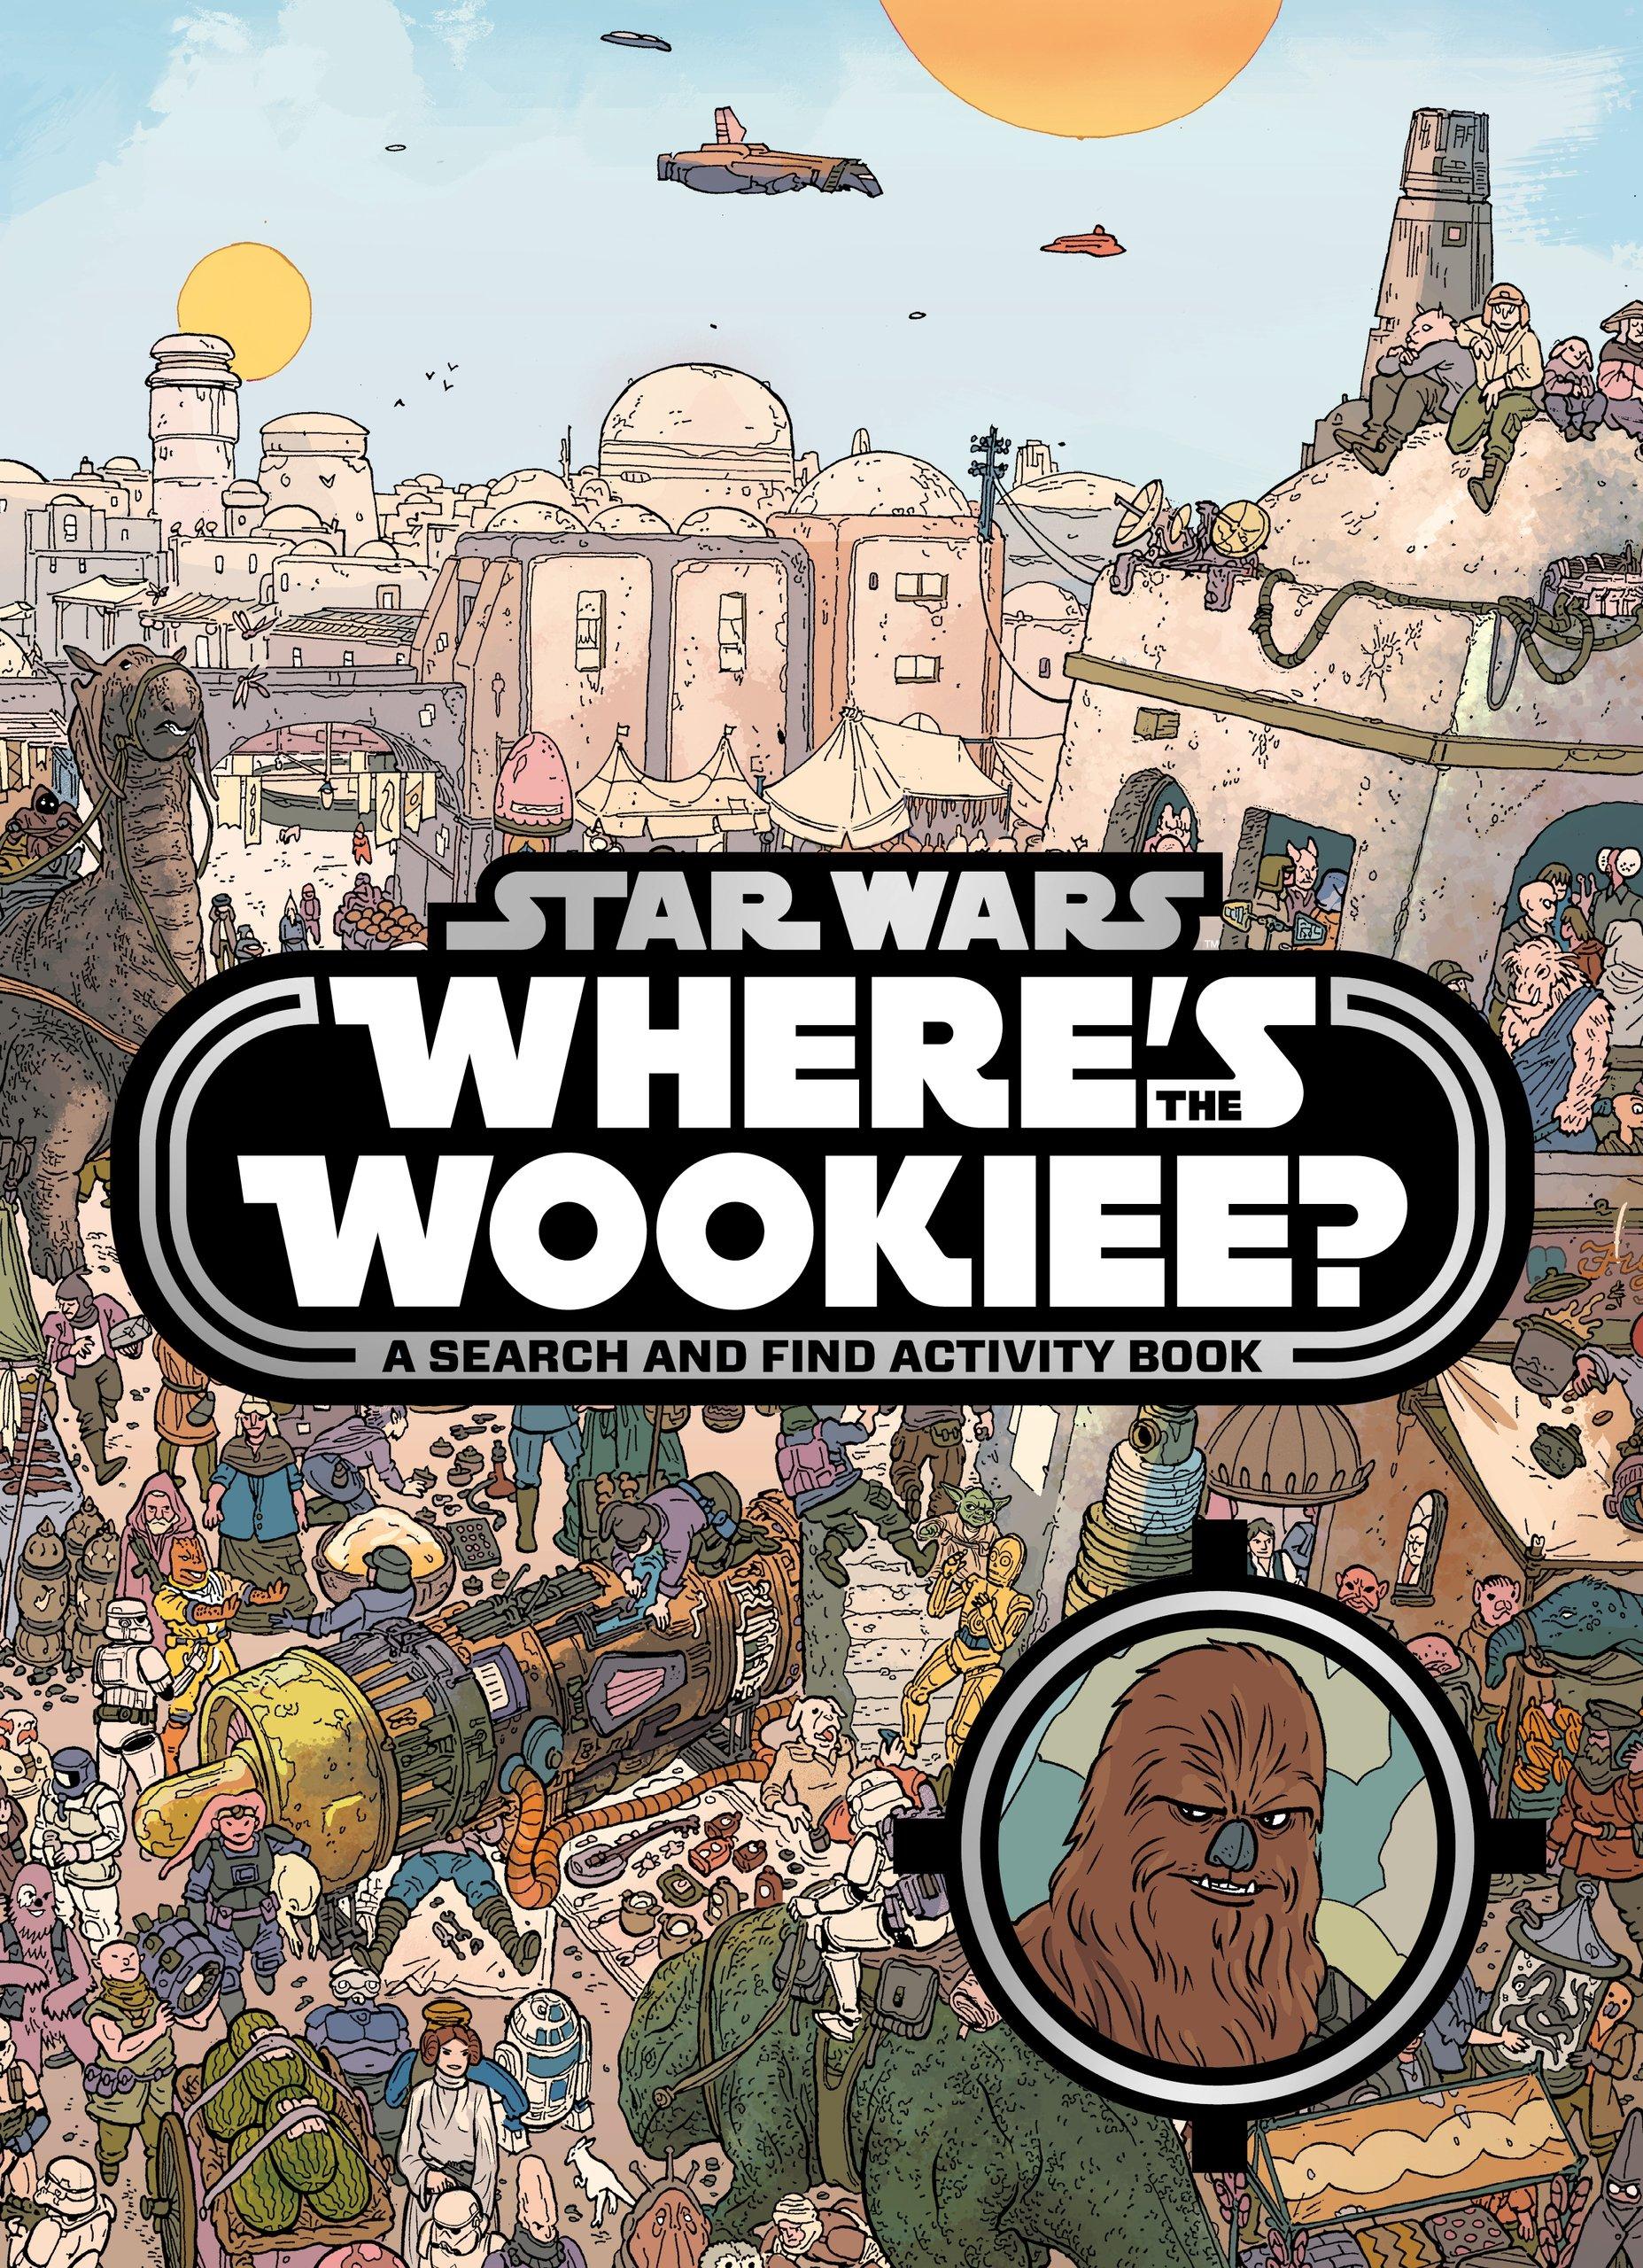 """Encuentra al Wookie - El """"¿Dónde está Wally?"""" versión Star Wars"""